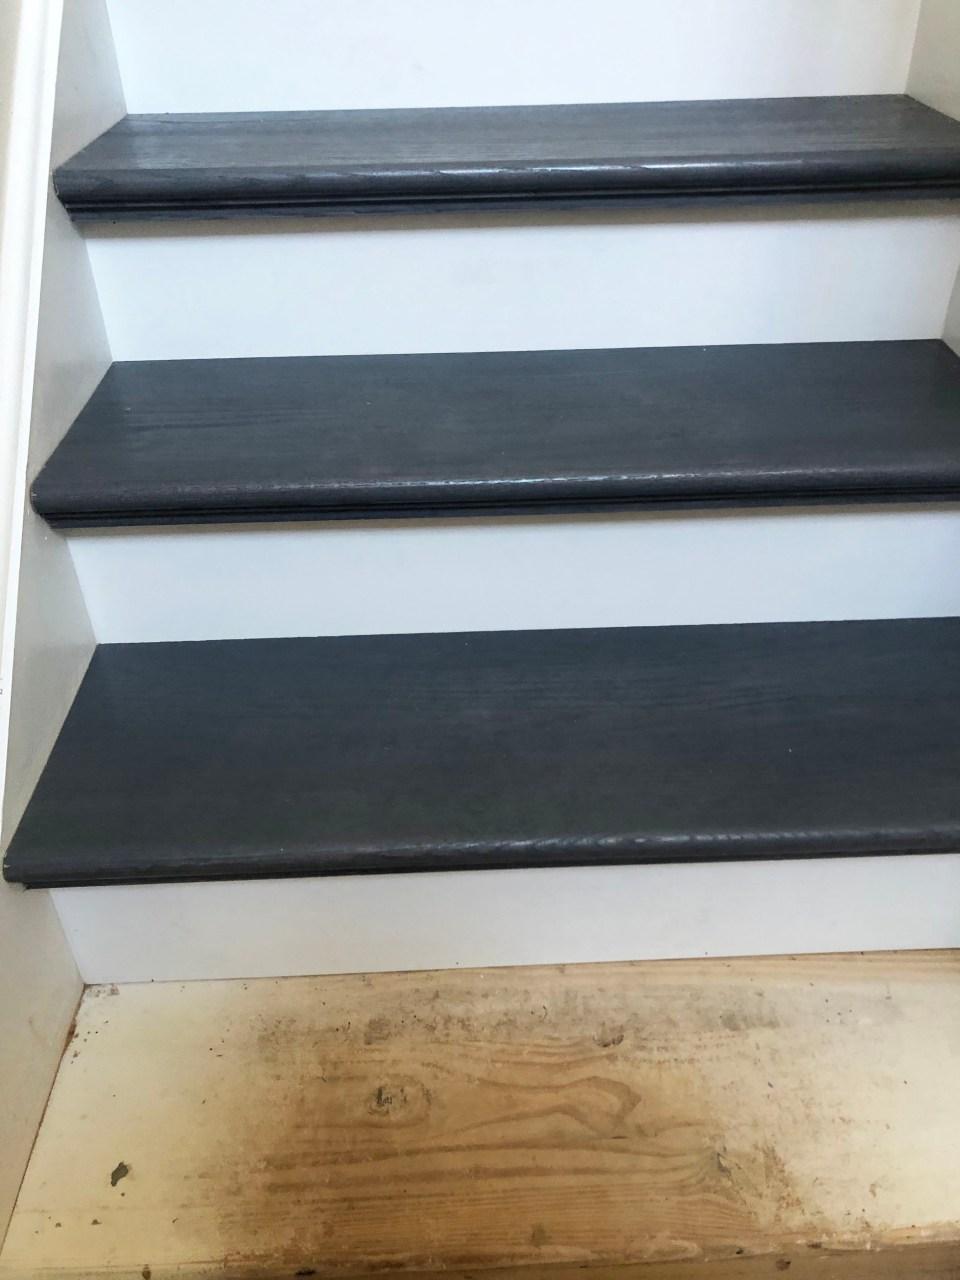 Foyer - Stairs Update 12